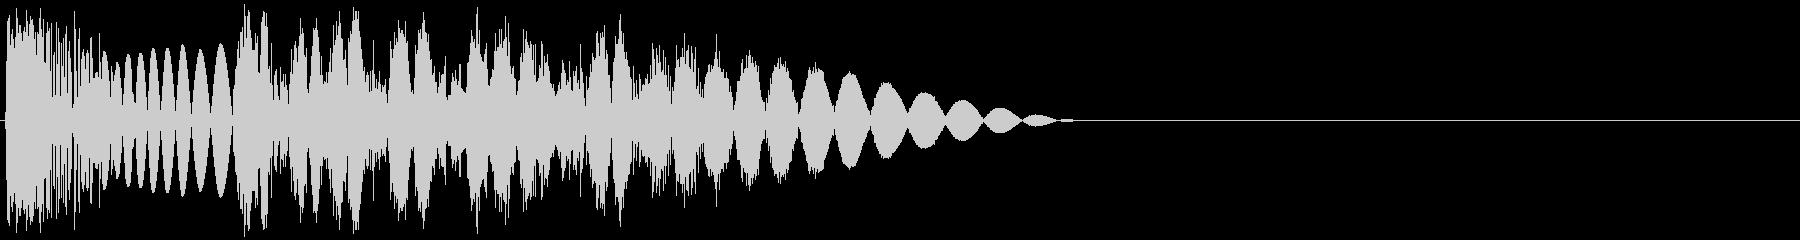 ズビシッ(パンチ・打撃攻撃・一発・叩く)の未再生の波形